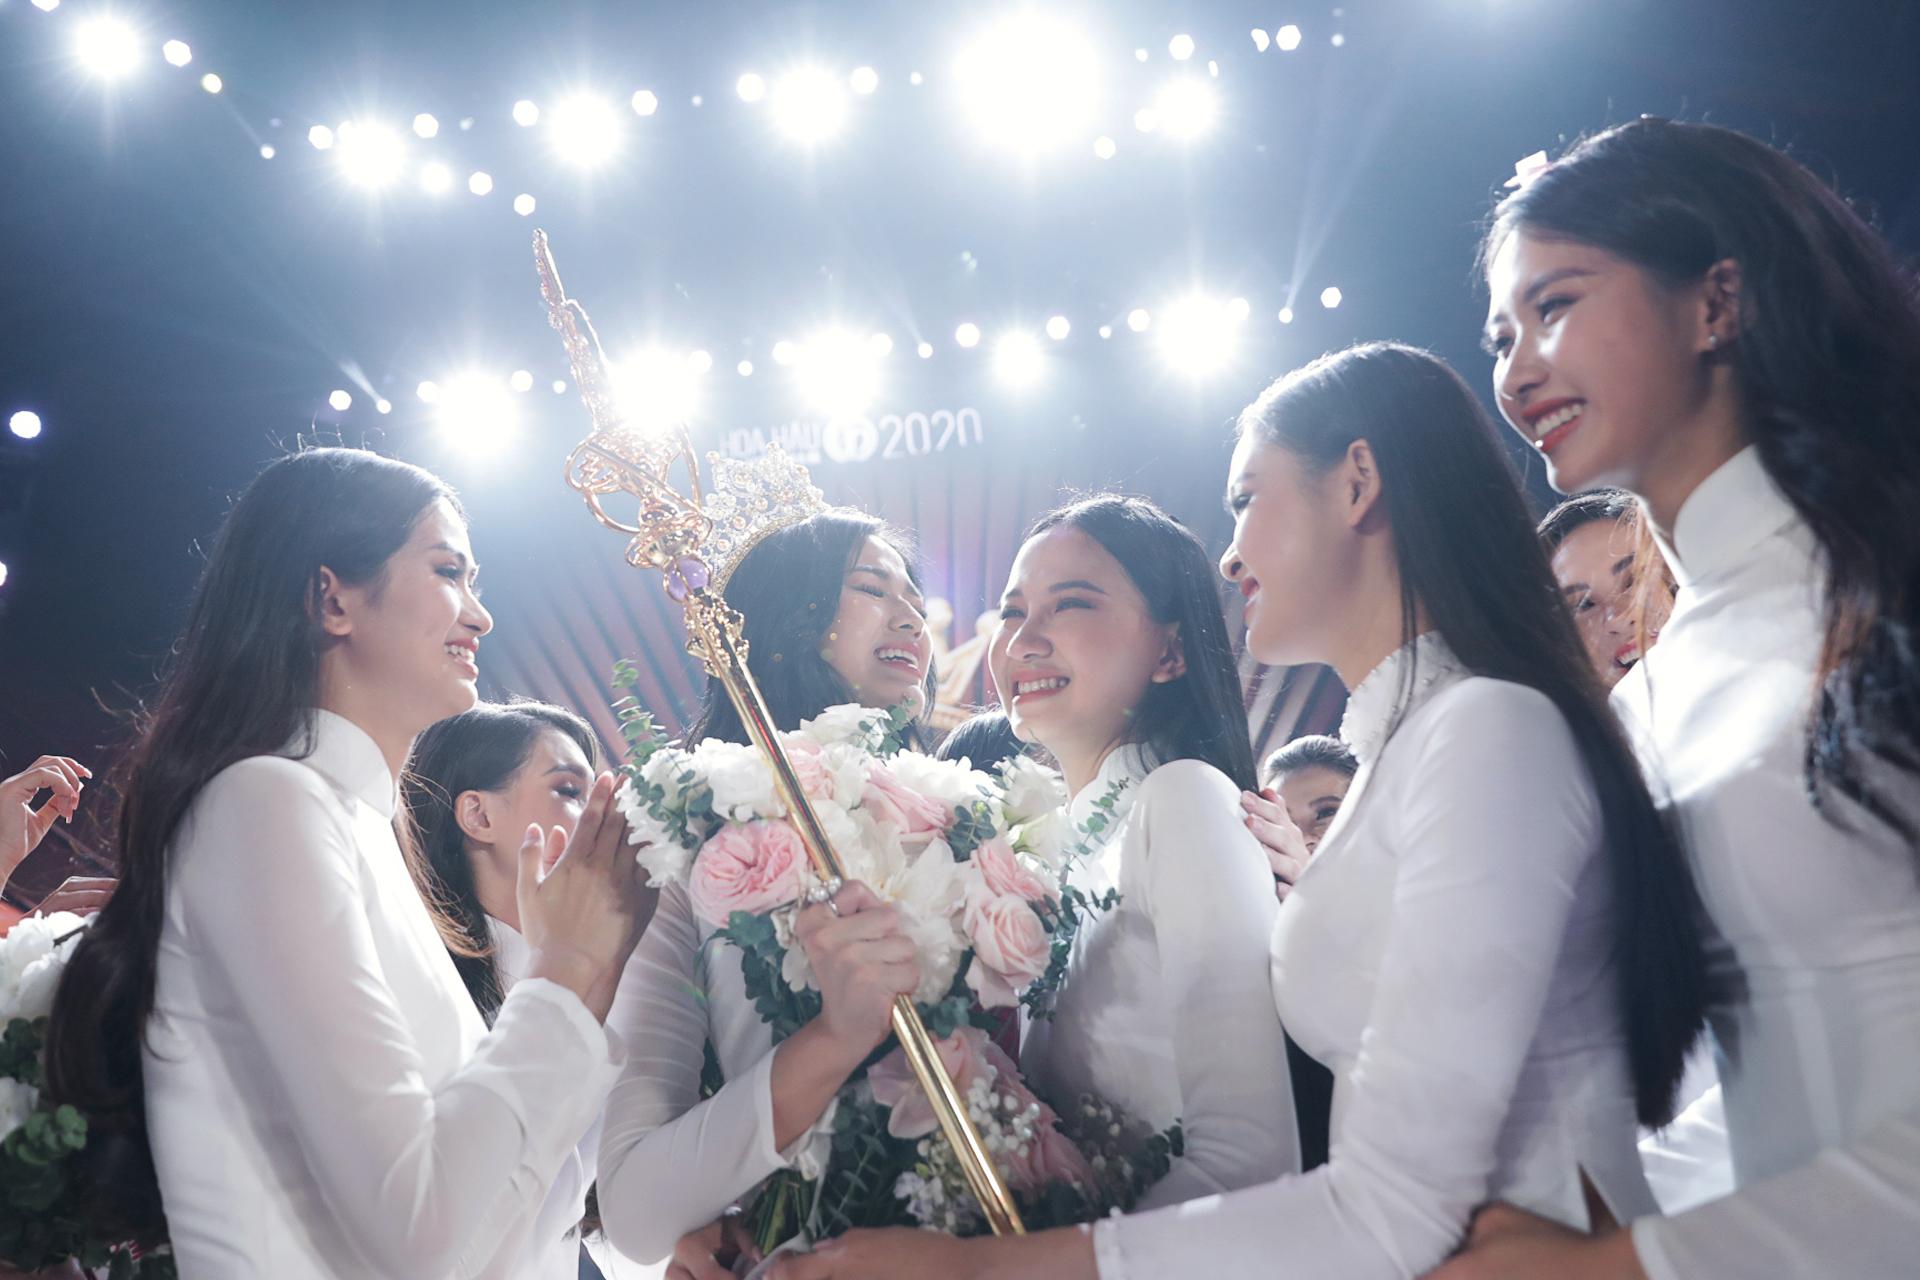 Điểm thi đại học của Hoa hậu Việt Nam 2020 Đỗ Thị Hà được tiết lộ 5